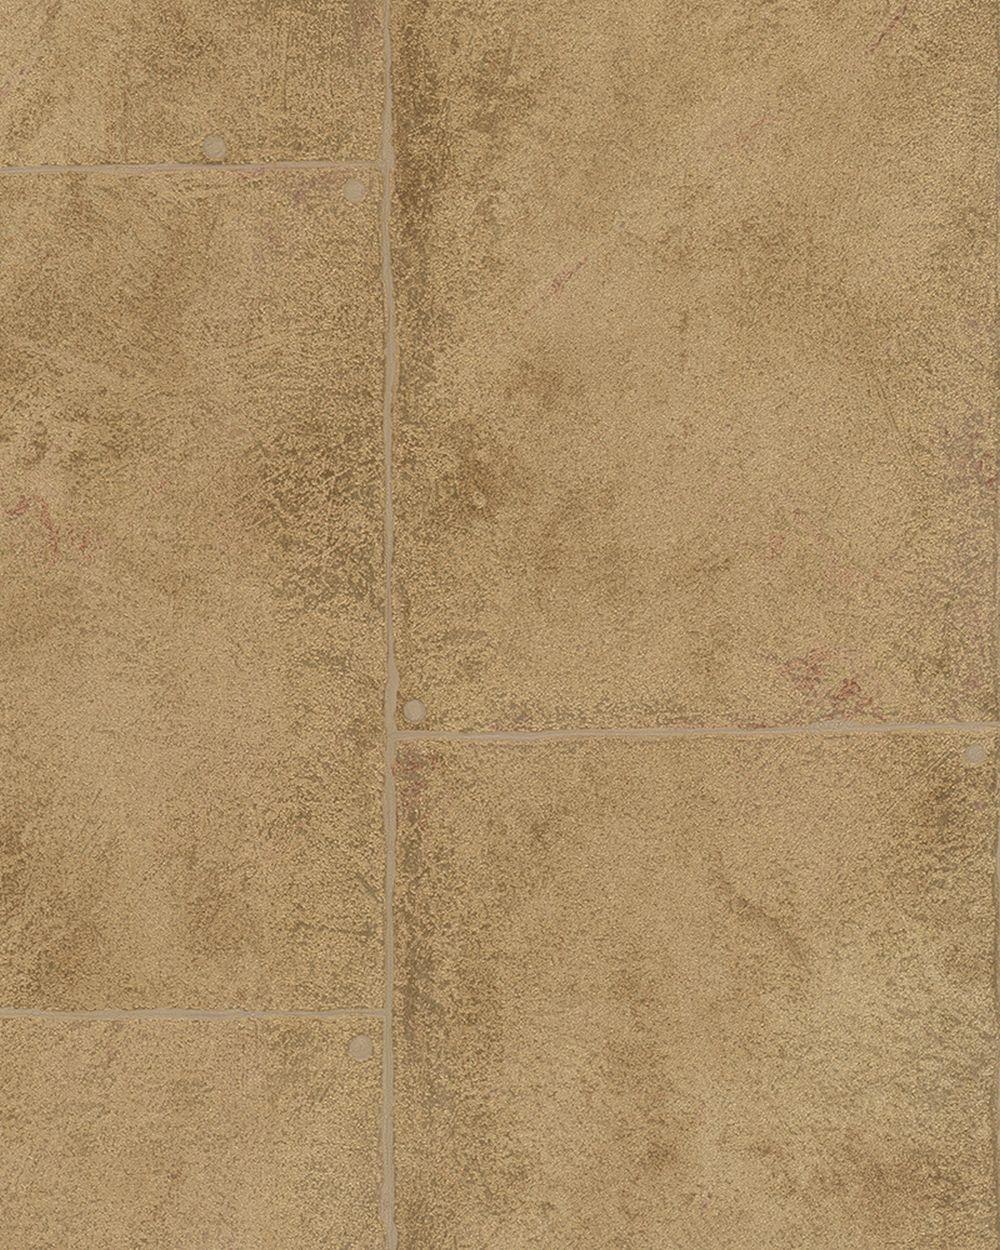 tapete vlies beton-optik gold beige metallic marburg 59333